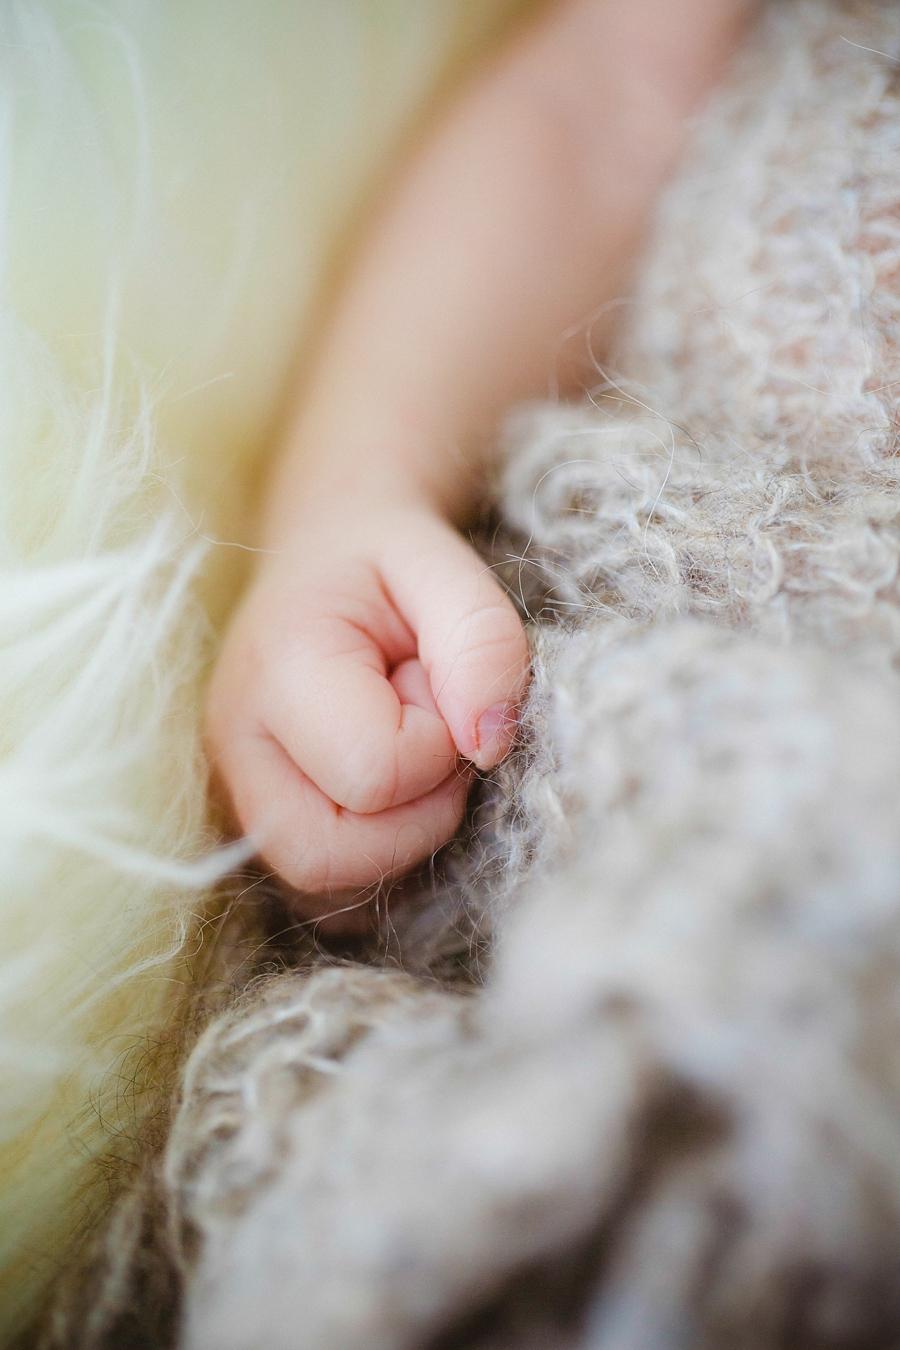 fotografin-newbornshooting-neugeborenes-babyshooting-babyfotos-schwangerschaftsshooting-aachen-herzogenrath-uebach-palenberg-geilenkirchen-koeln-duesseldorf-heinsberg-nrw-blog_007